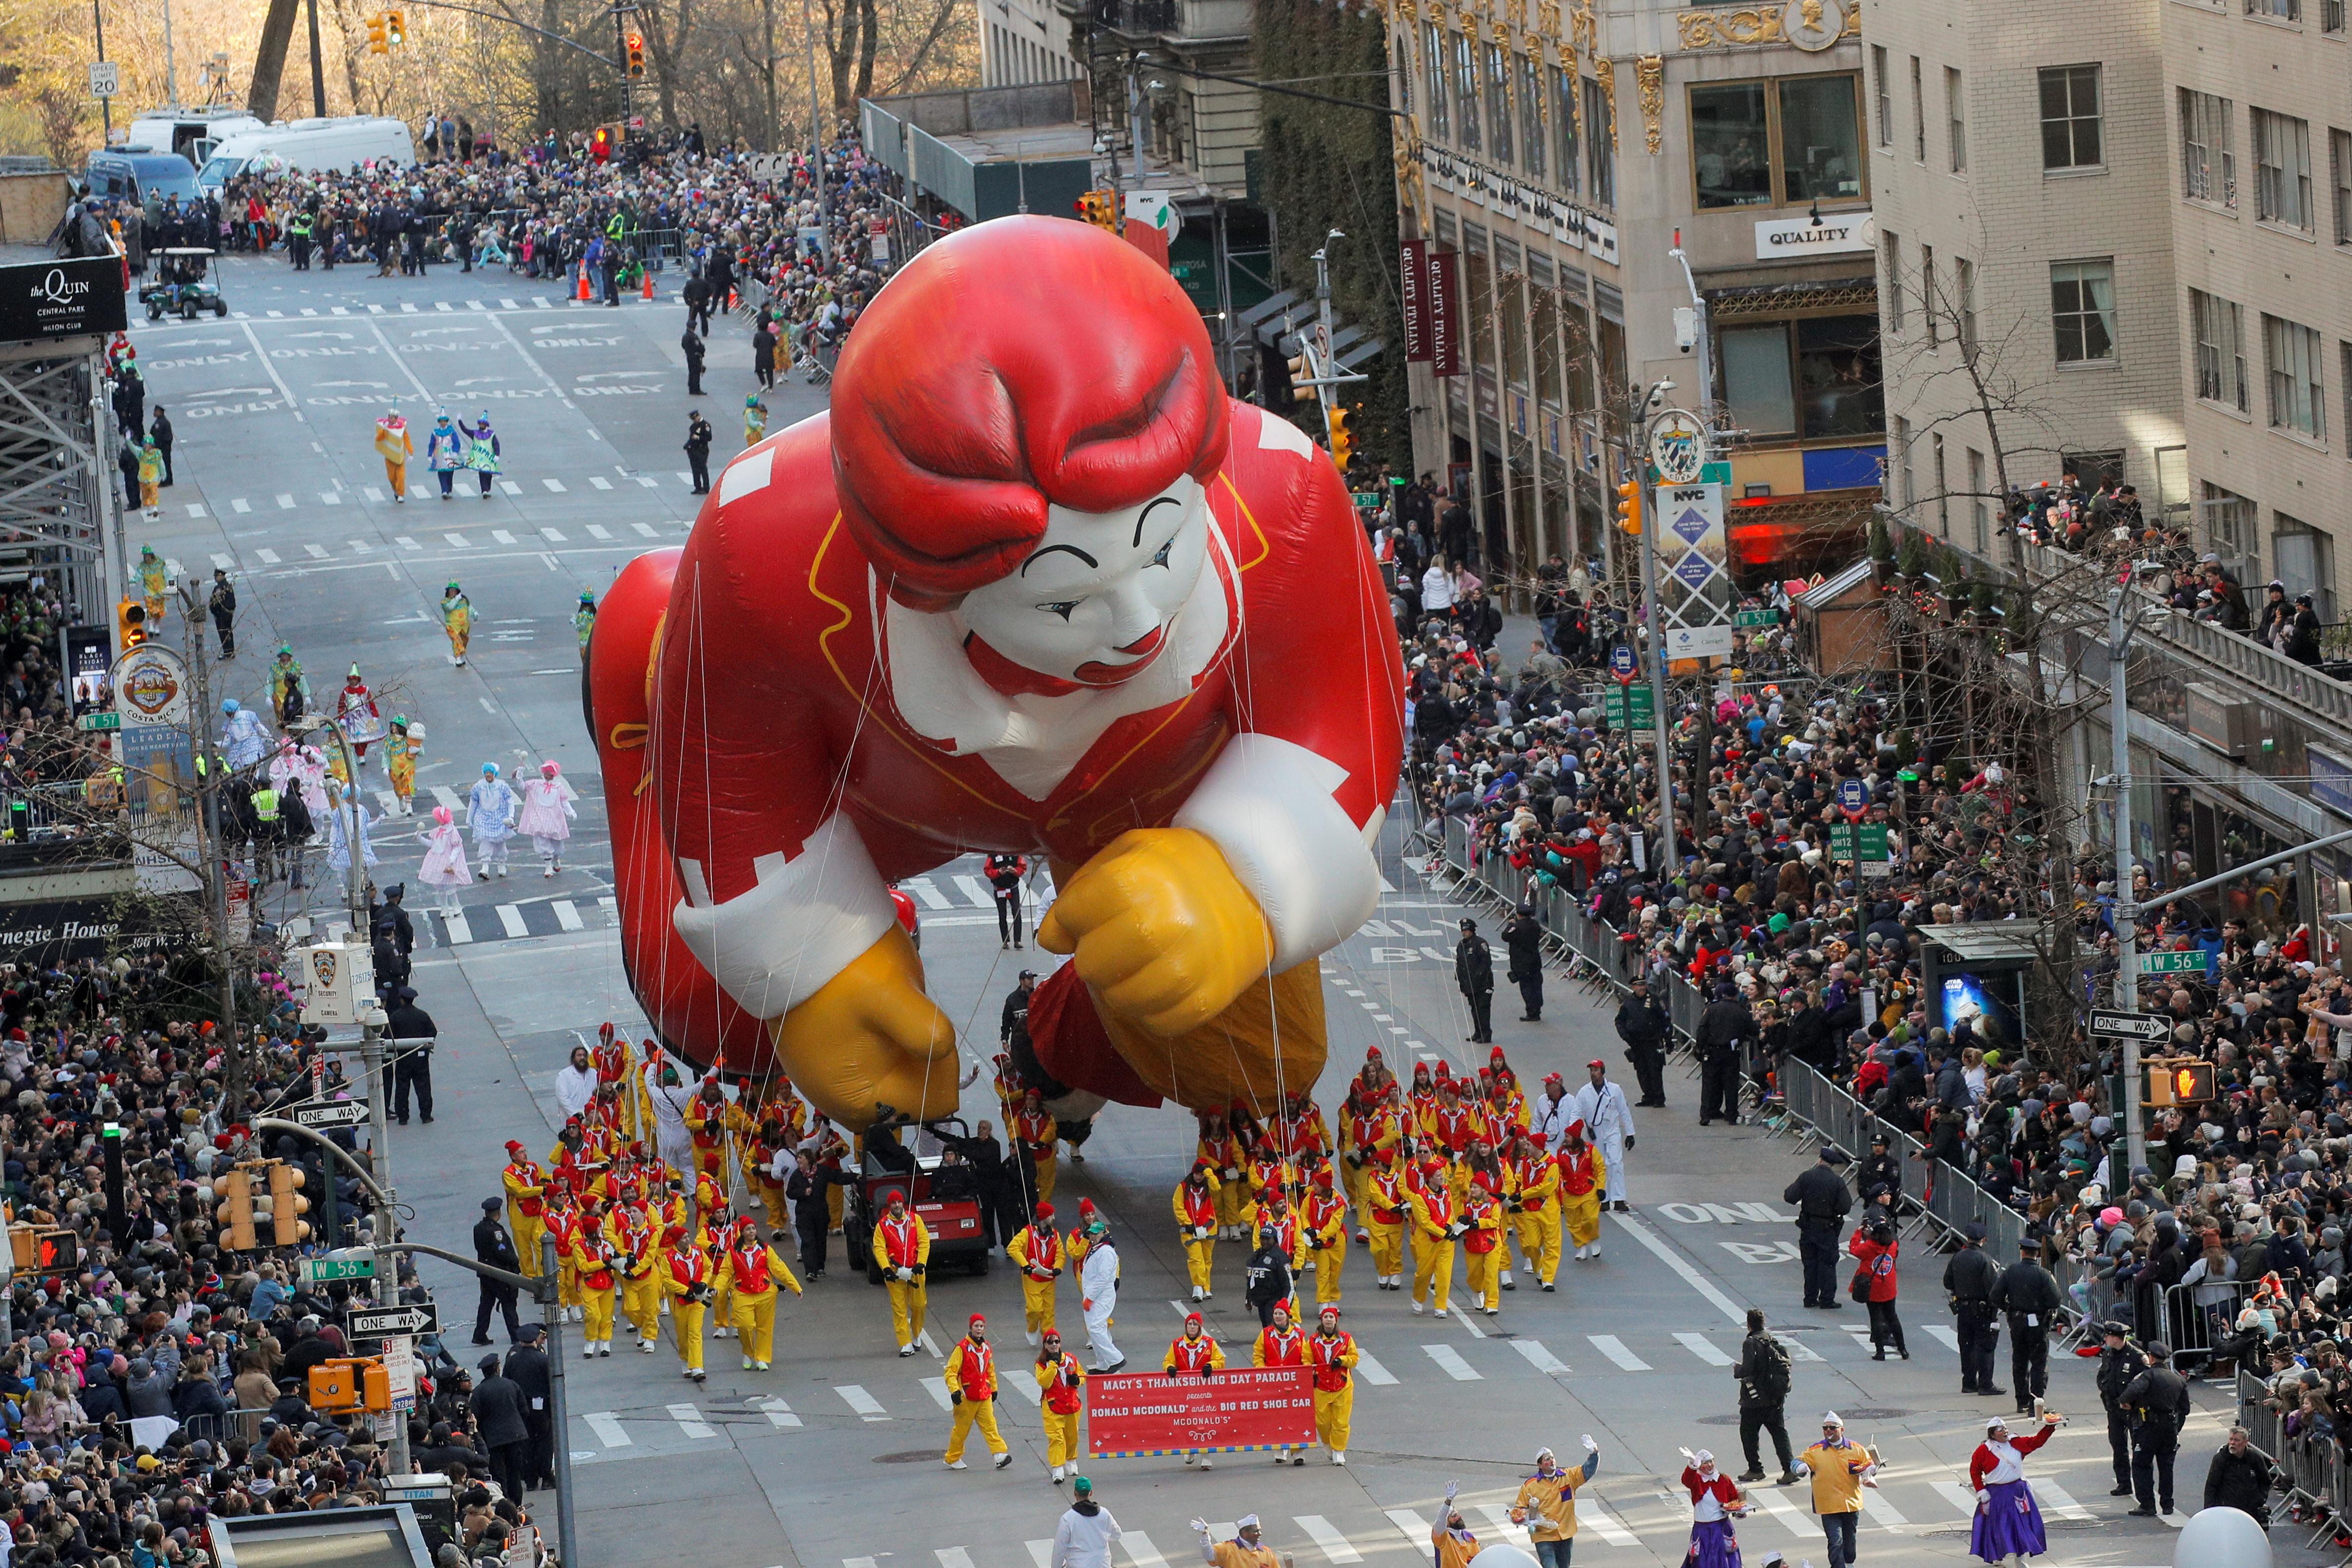 Thanksgiving: Δείτε την παρέλαση των Macy's για την Ημέρα των Ευχαριστιών